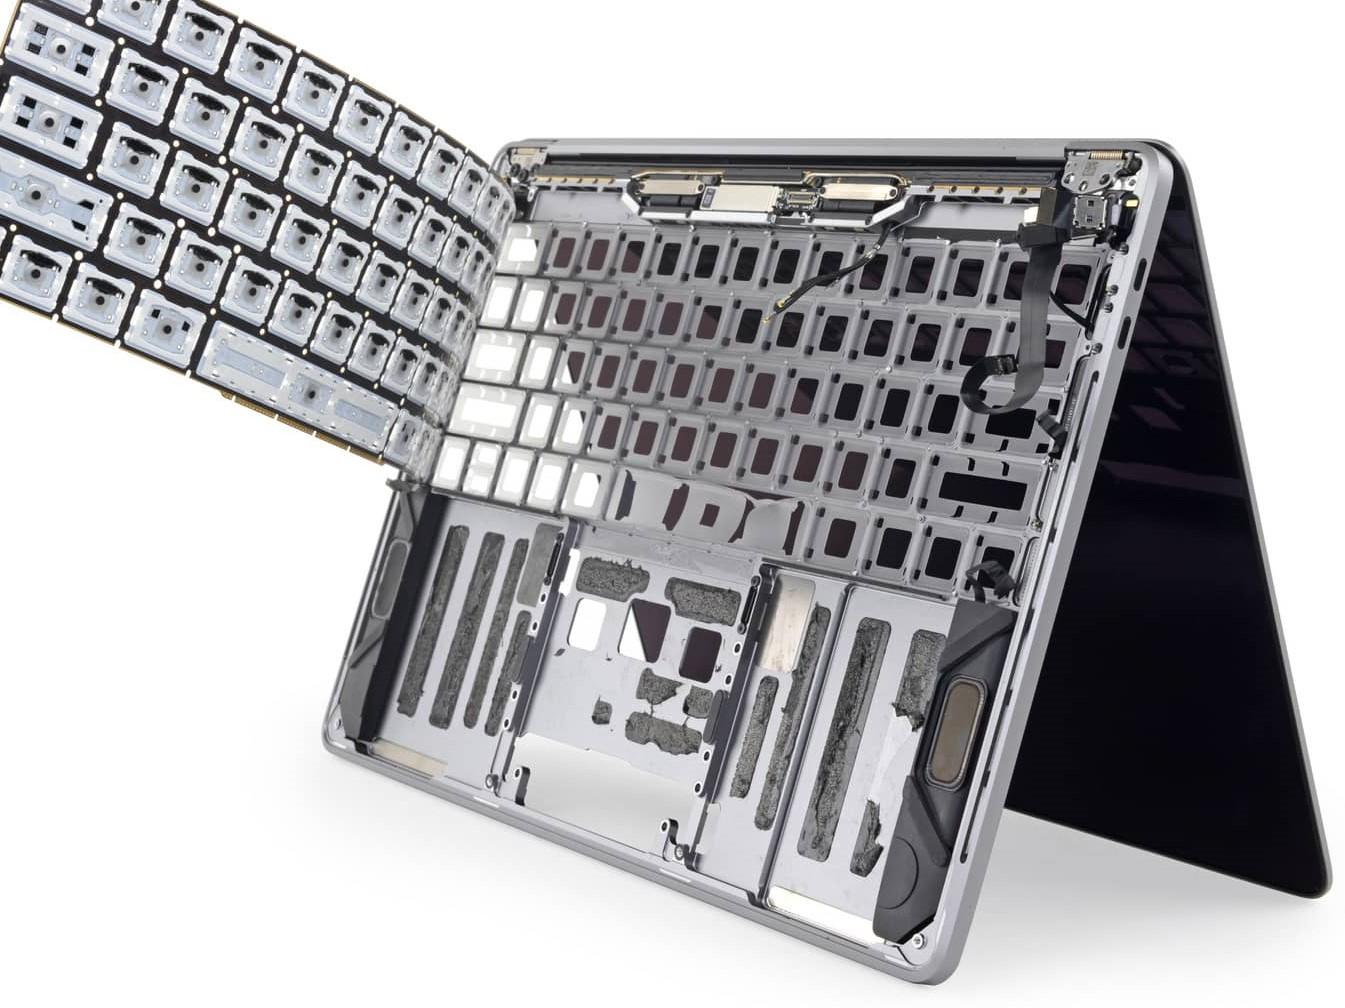 Замена клавиатуры MacBook в Харькове